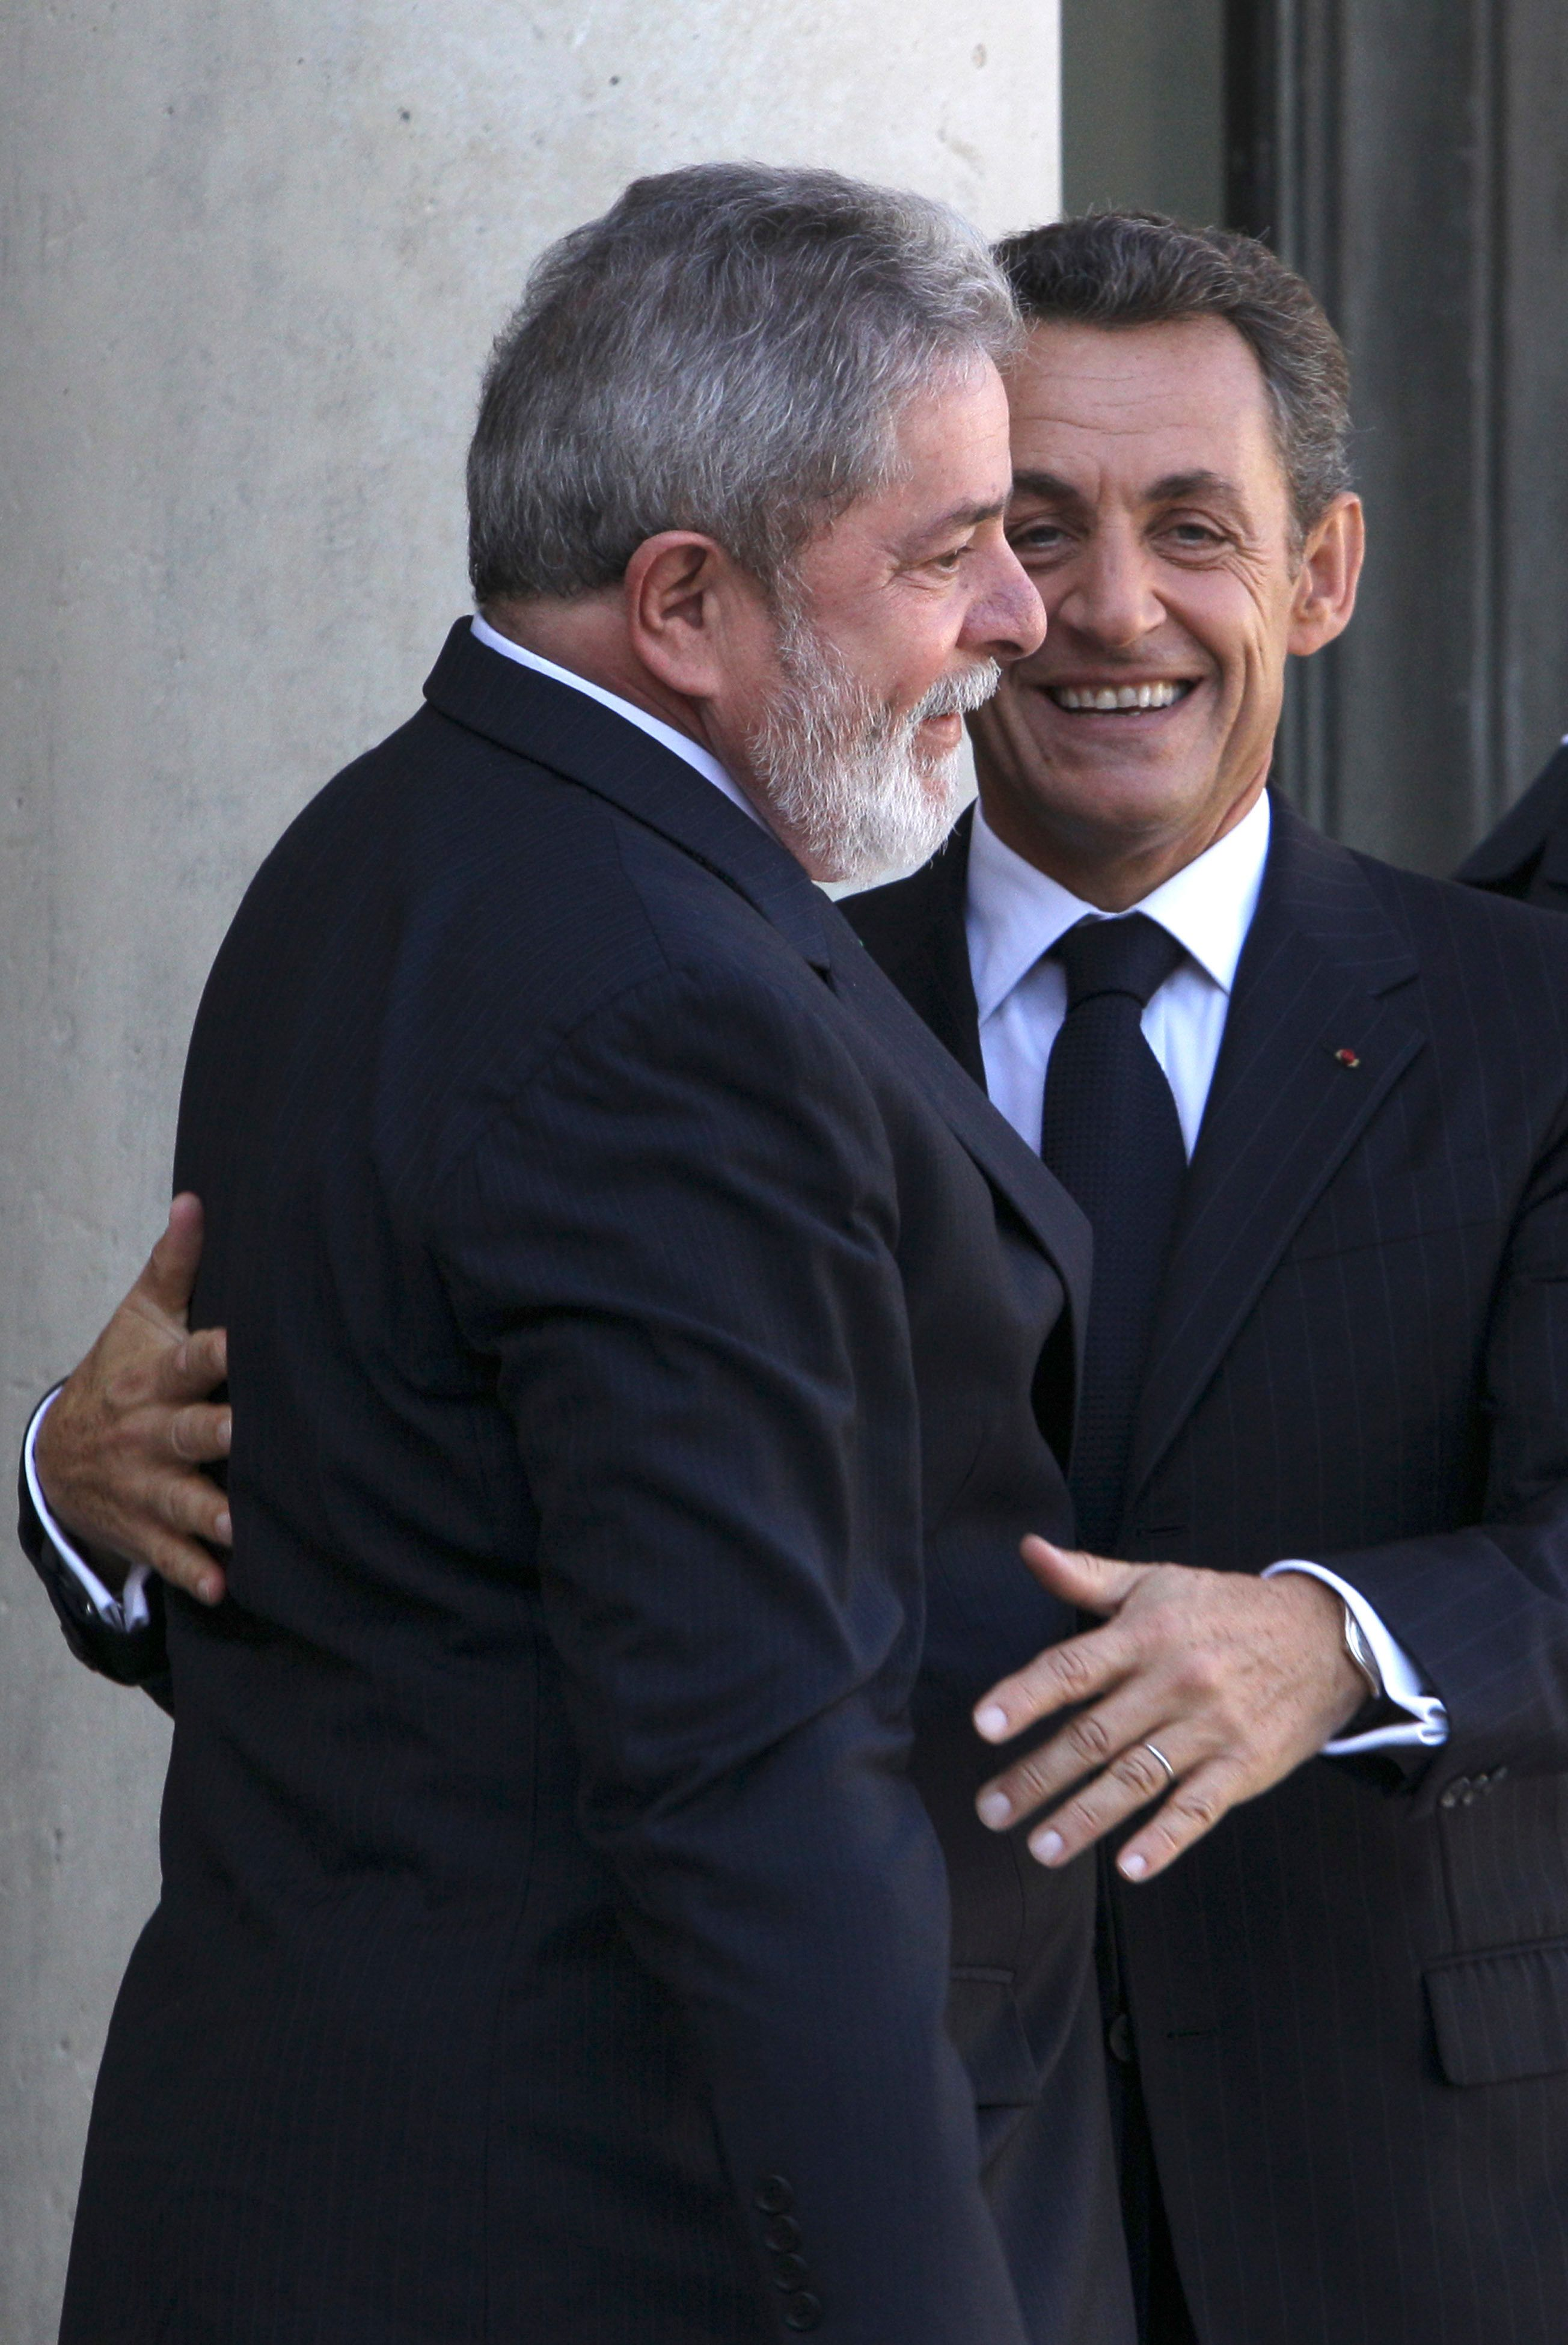 Palocci acusa Lula de negociar propina em reunião com Sarkozy em